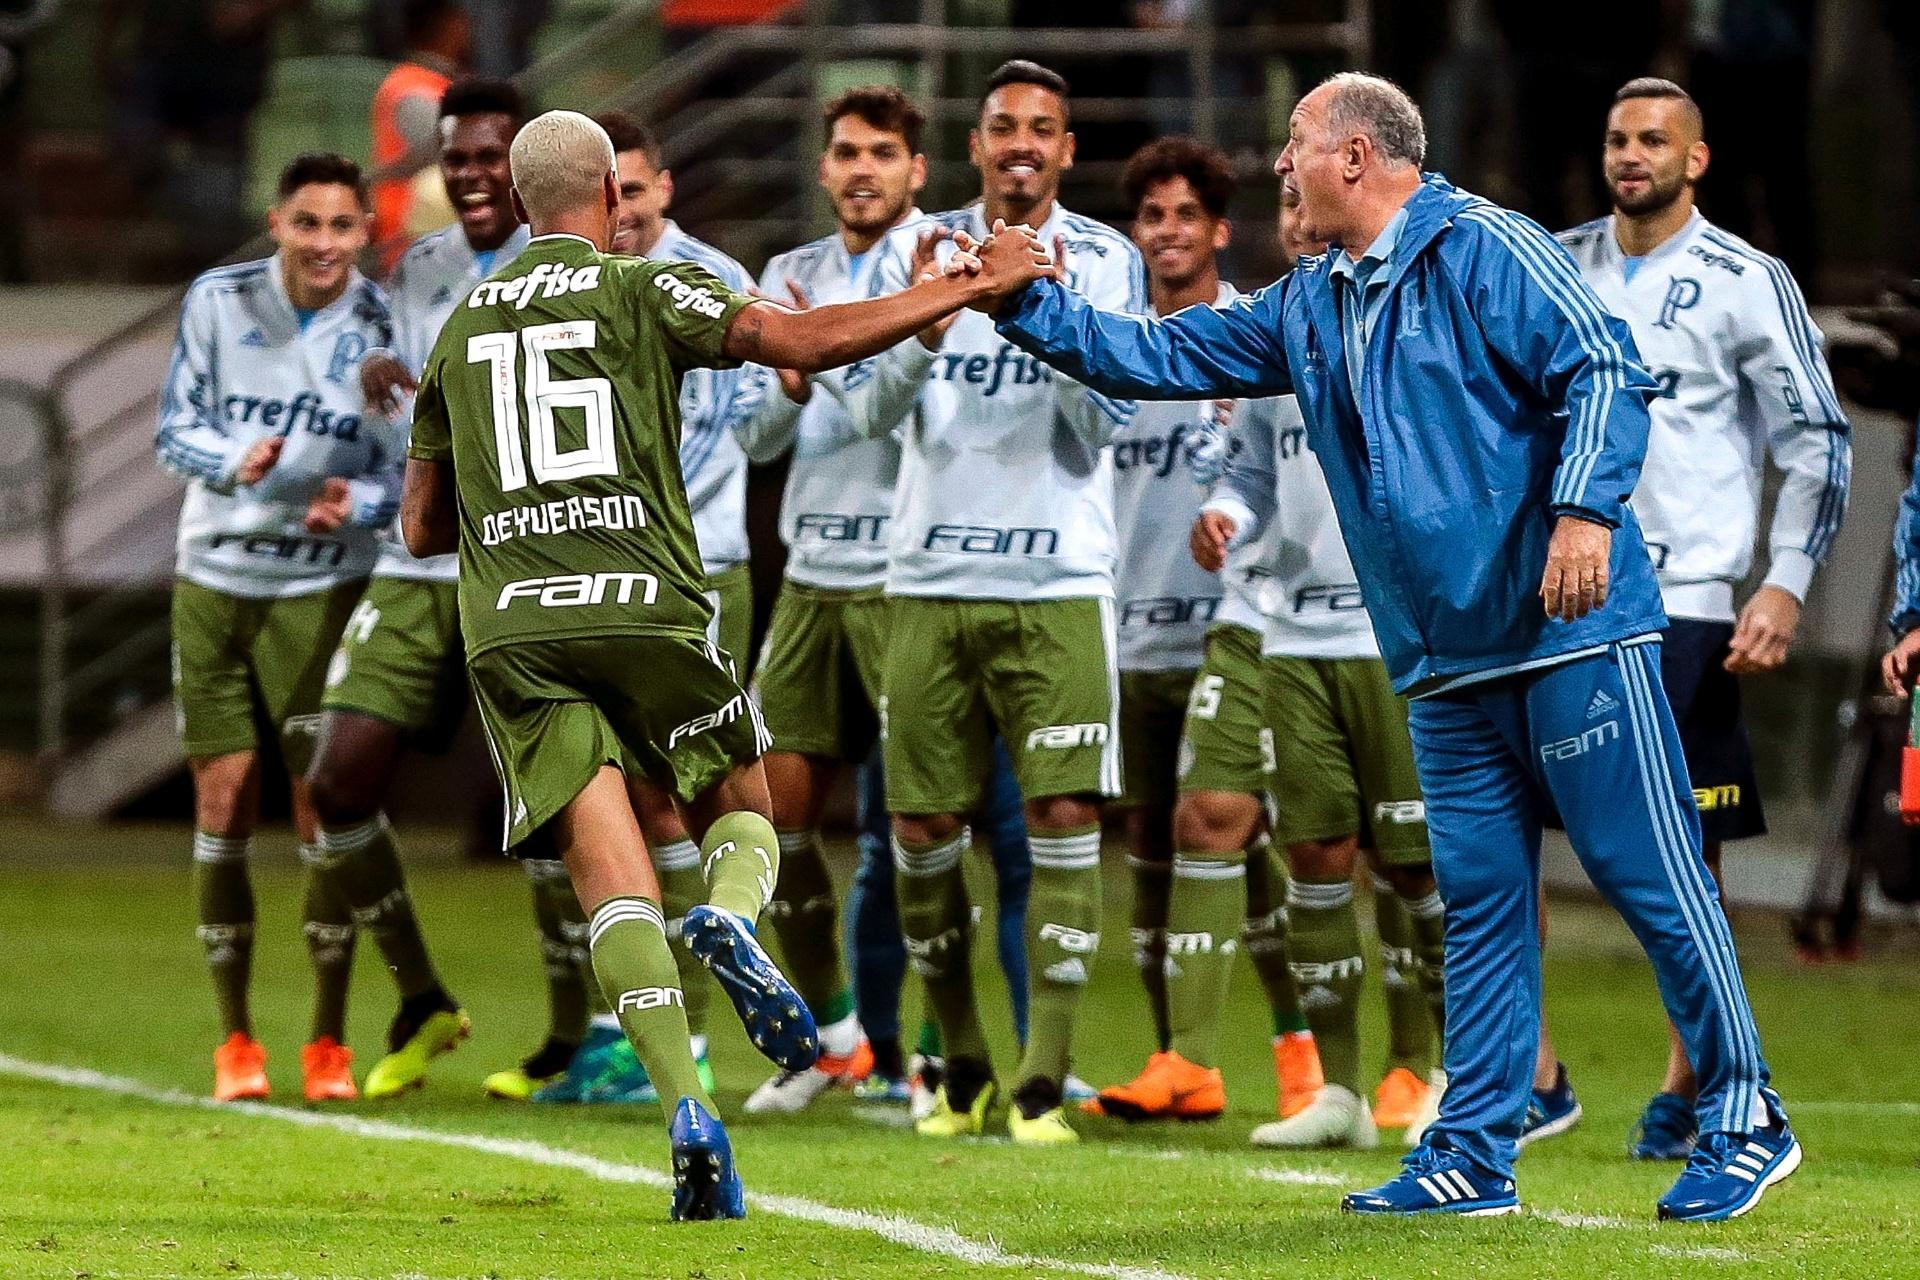 Deyverson é símbolo de Palmeiras que apostou em gestão de elenco para subir  - Esporte - BOL 8d6a739e8a59f